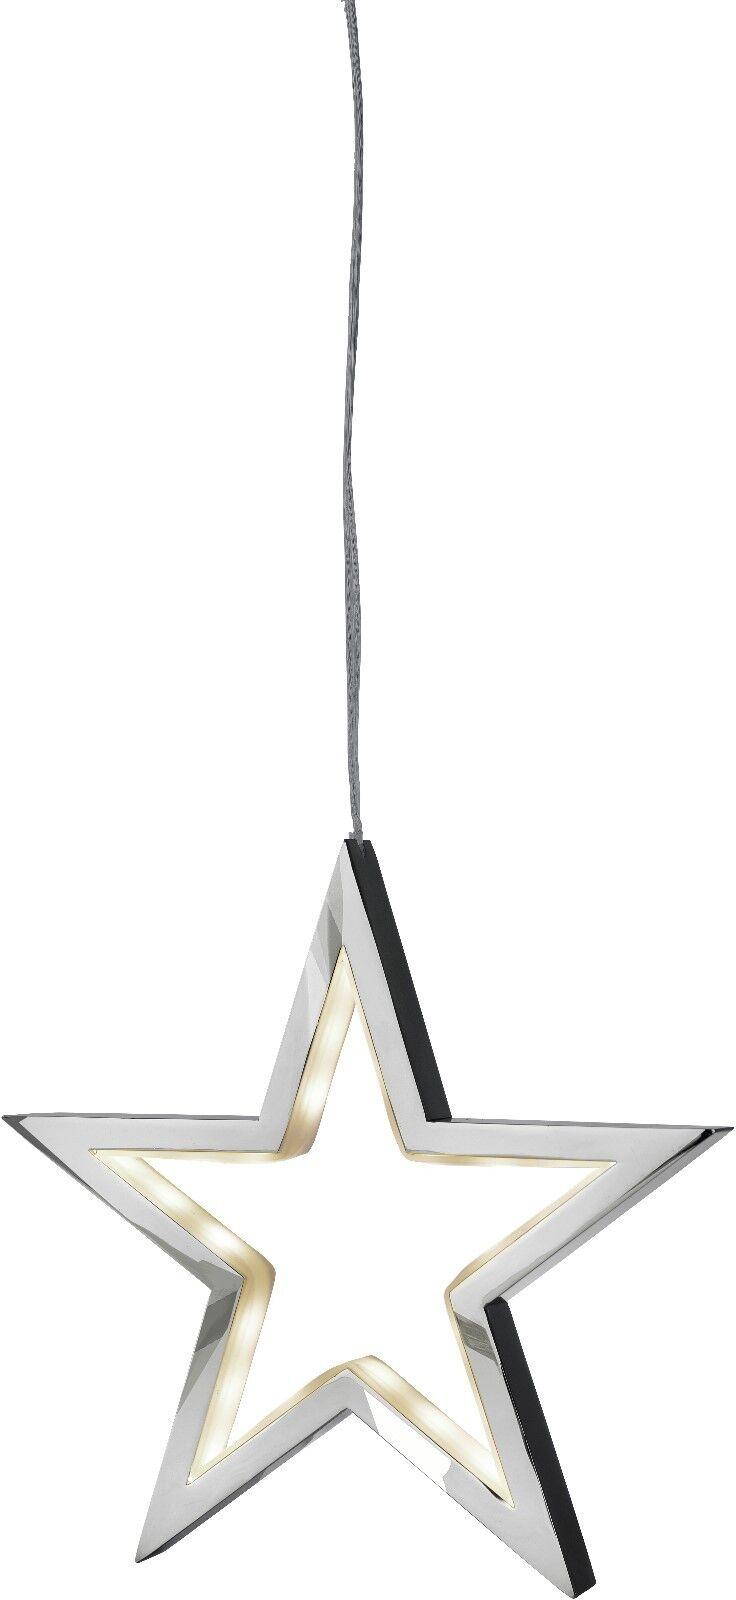 72170 Sompex Suspendu Lampe Lucy, Chrome 34 cm Lampe Argent étoile à pendre